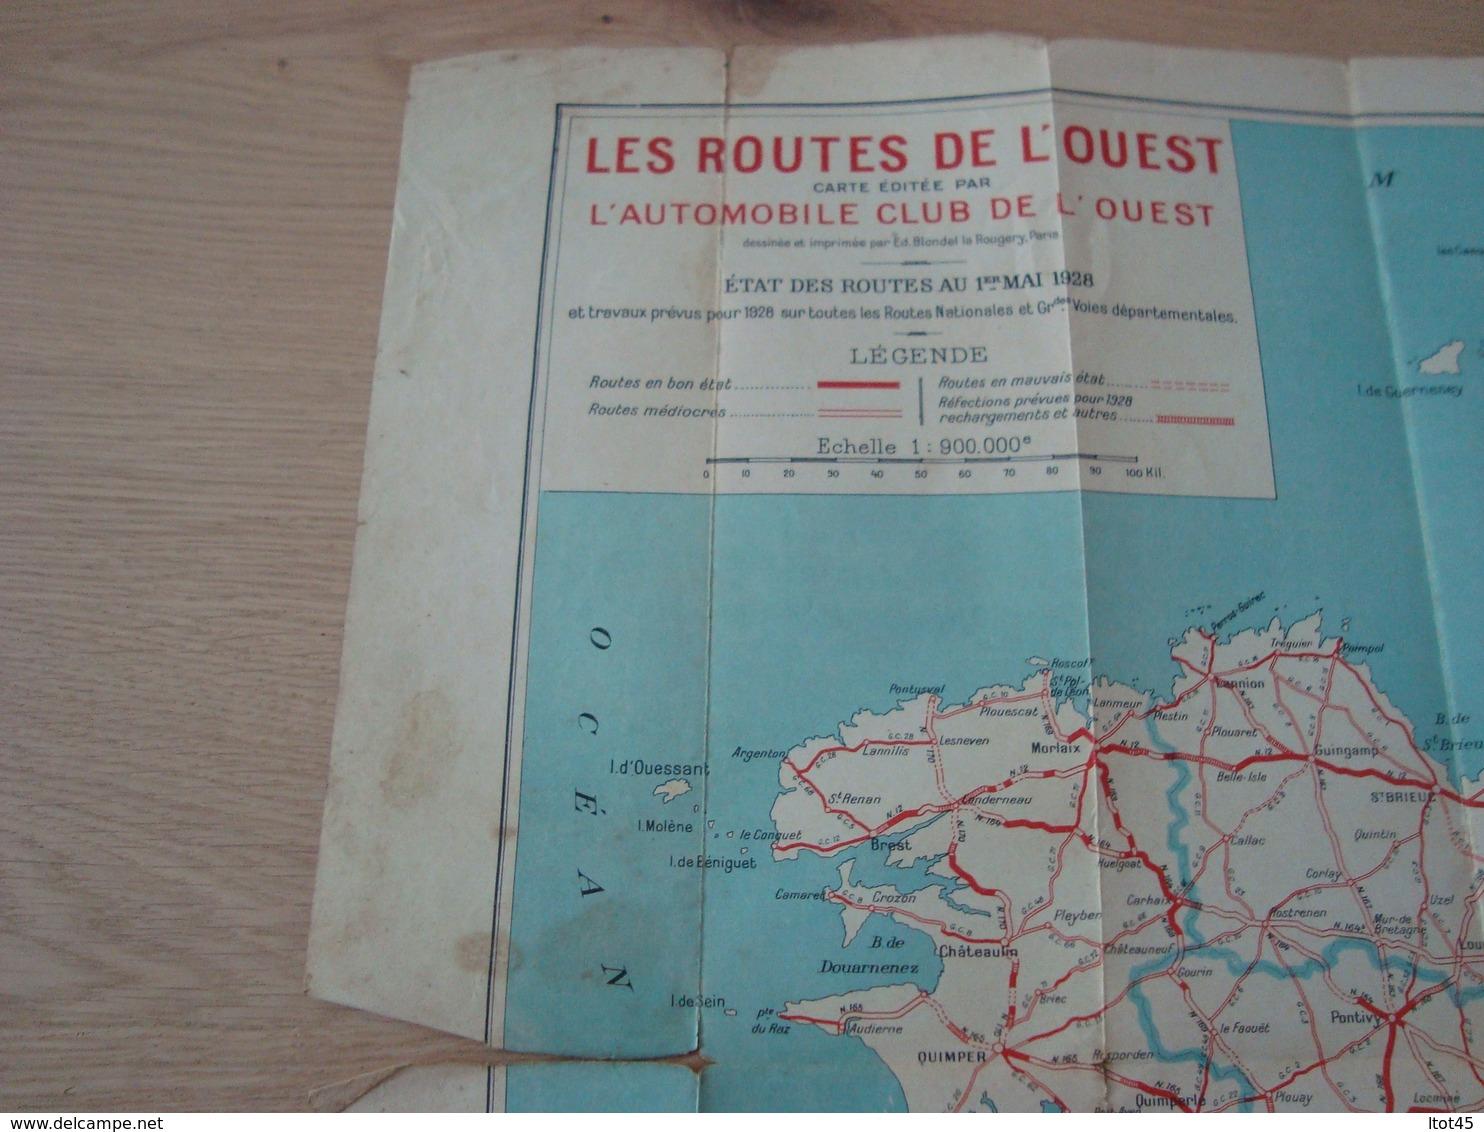 CARTE ROUTIERE DAS LES ROUTES DE L'OUEST AUTOMOBILE-CLUB 1 MAI 1928 - Cartes Routières